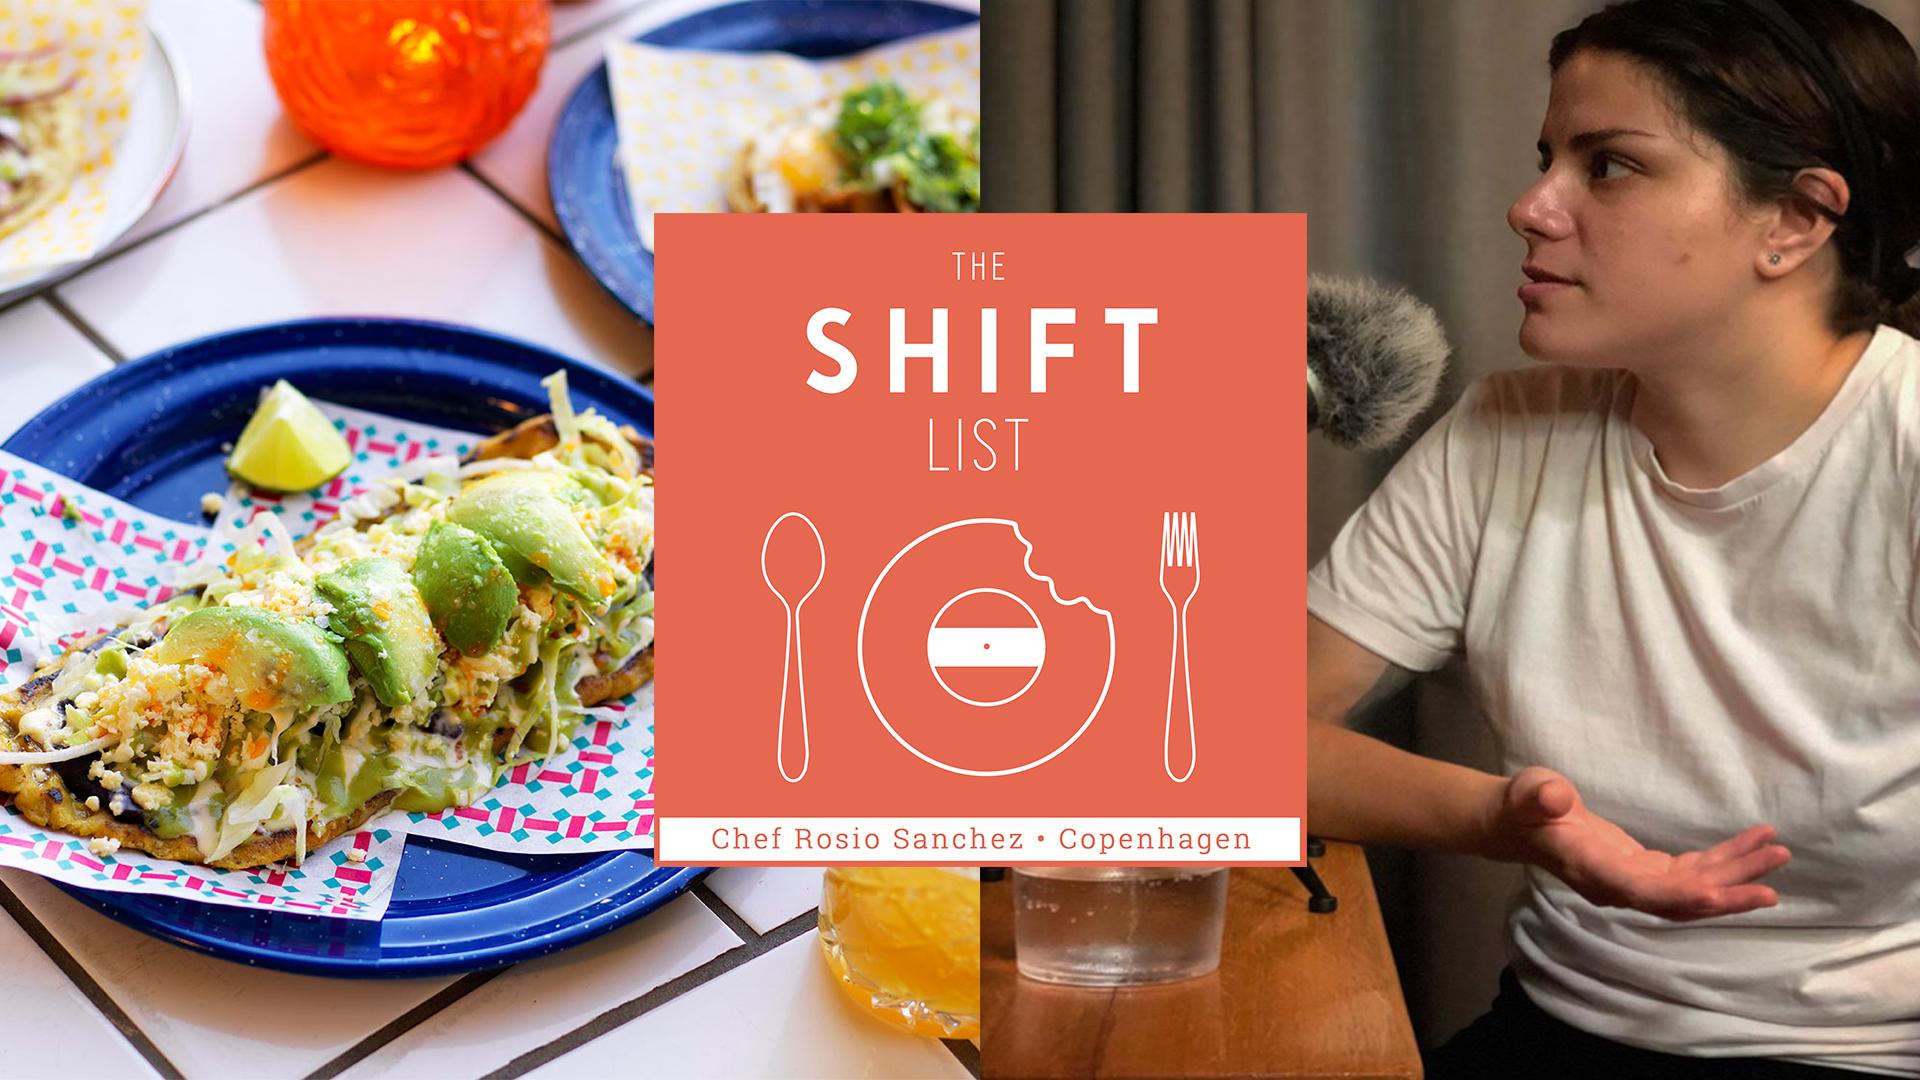 The Shift List - Rosio Sanchez - Copenhagen (Sanchez, Hija de Sanchez, noma)